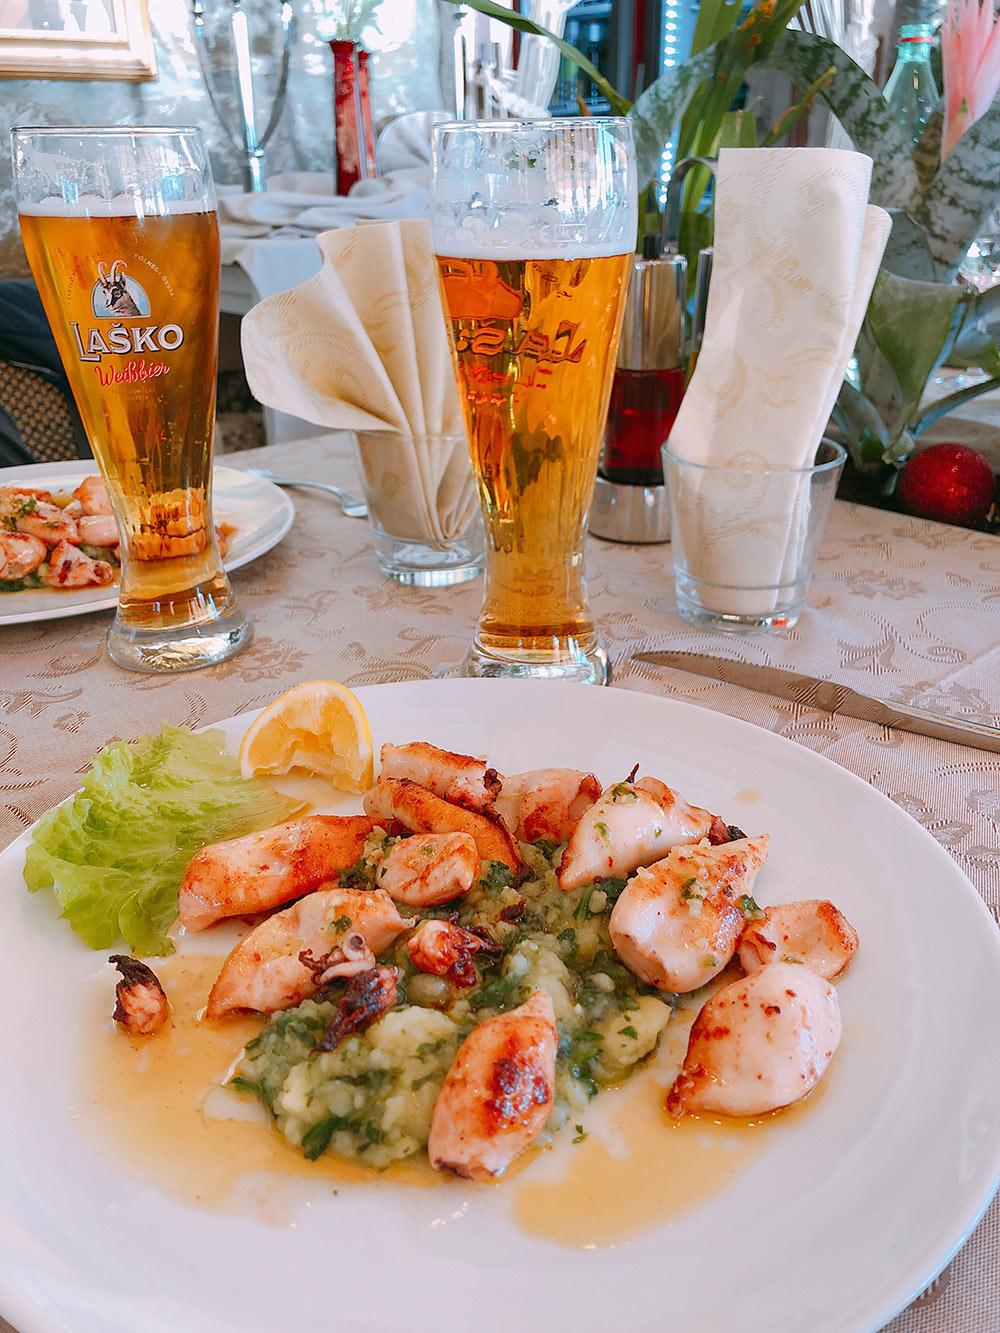 Морепродукты и пиво Lasko — типичный обед на побережье. Порция кальмаров стоит около 10€ (700 рублей), бокал пива — 3€ (210 рублей)